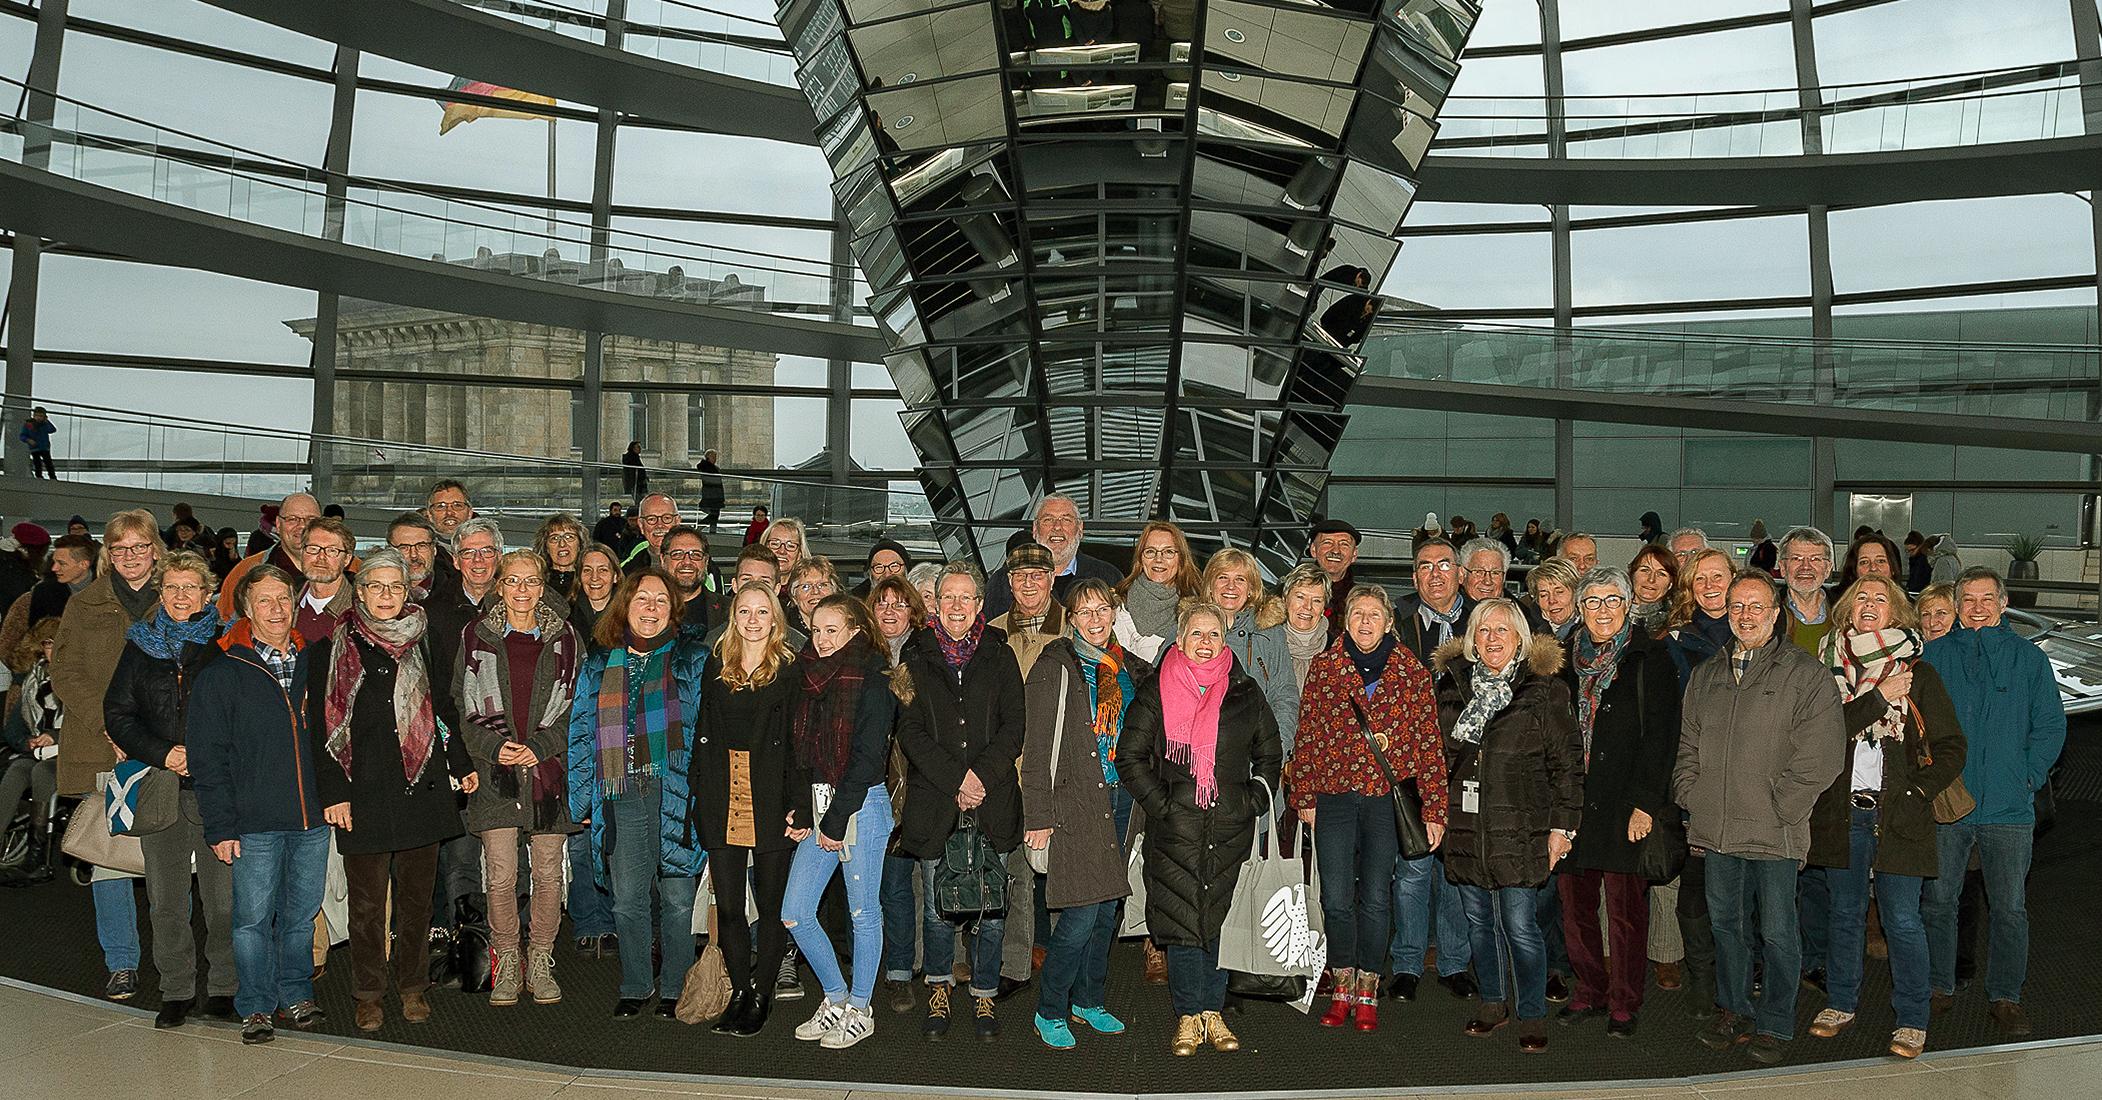 Bürger*innen aus meinem Betreuungsgebiet zwischen Weser und Ems sind zur Zeit in Berlin. Gestern haben wir uns im Bundestag getroffen. Dabei ist dieses fröhliche Foto entstanden.